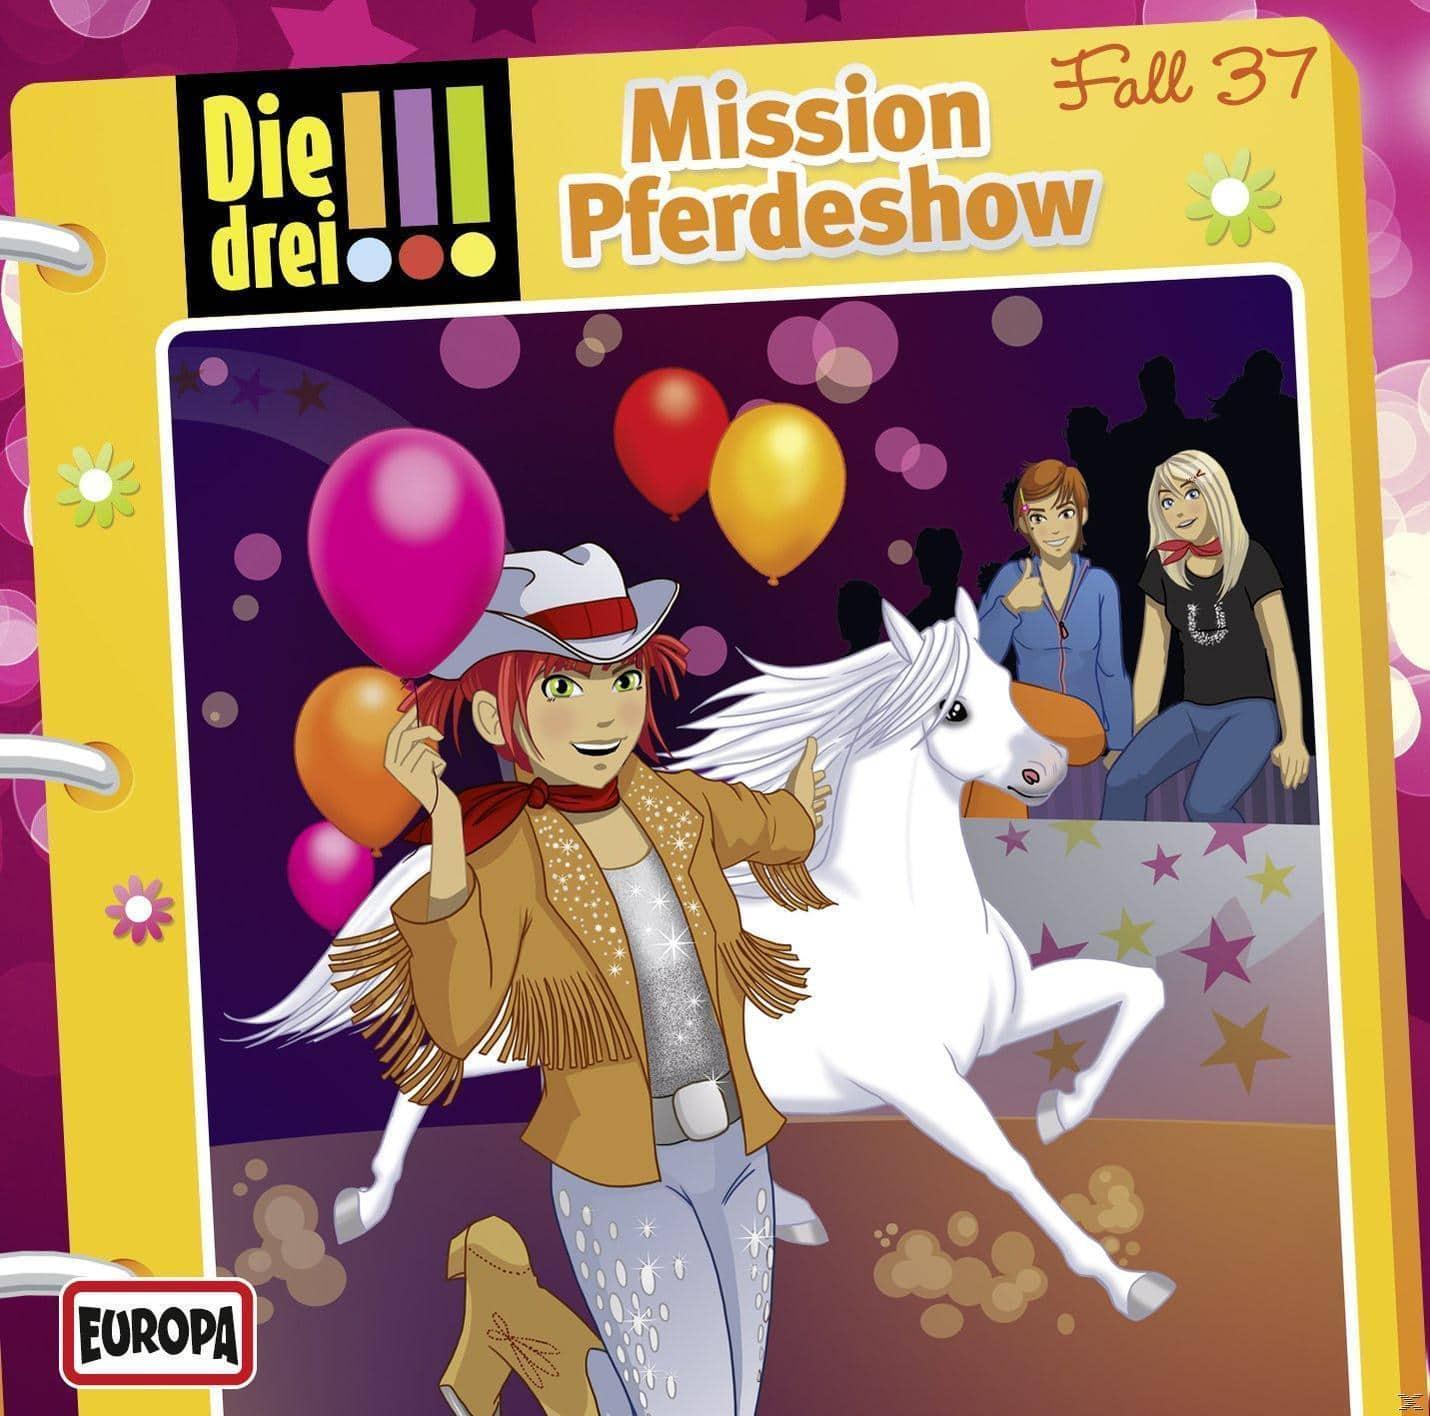 Die drei !!! 37: Mission Pferdeshow (CD(s)) für 7,49 Euro